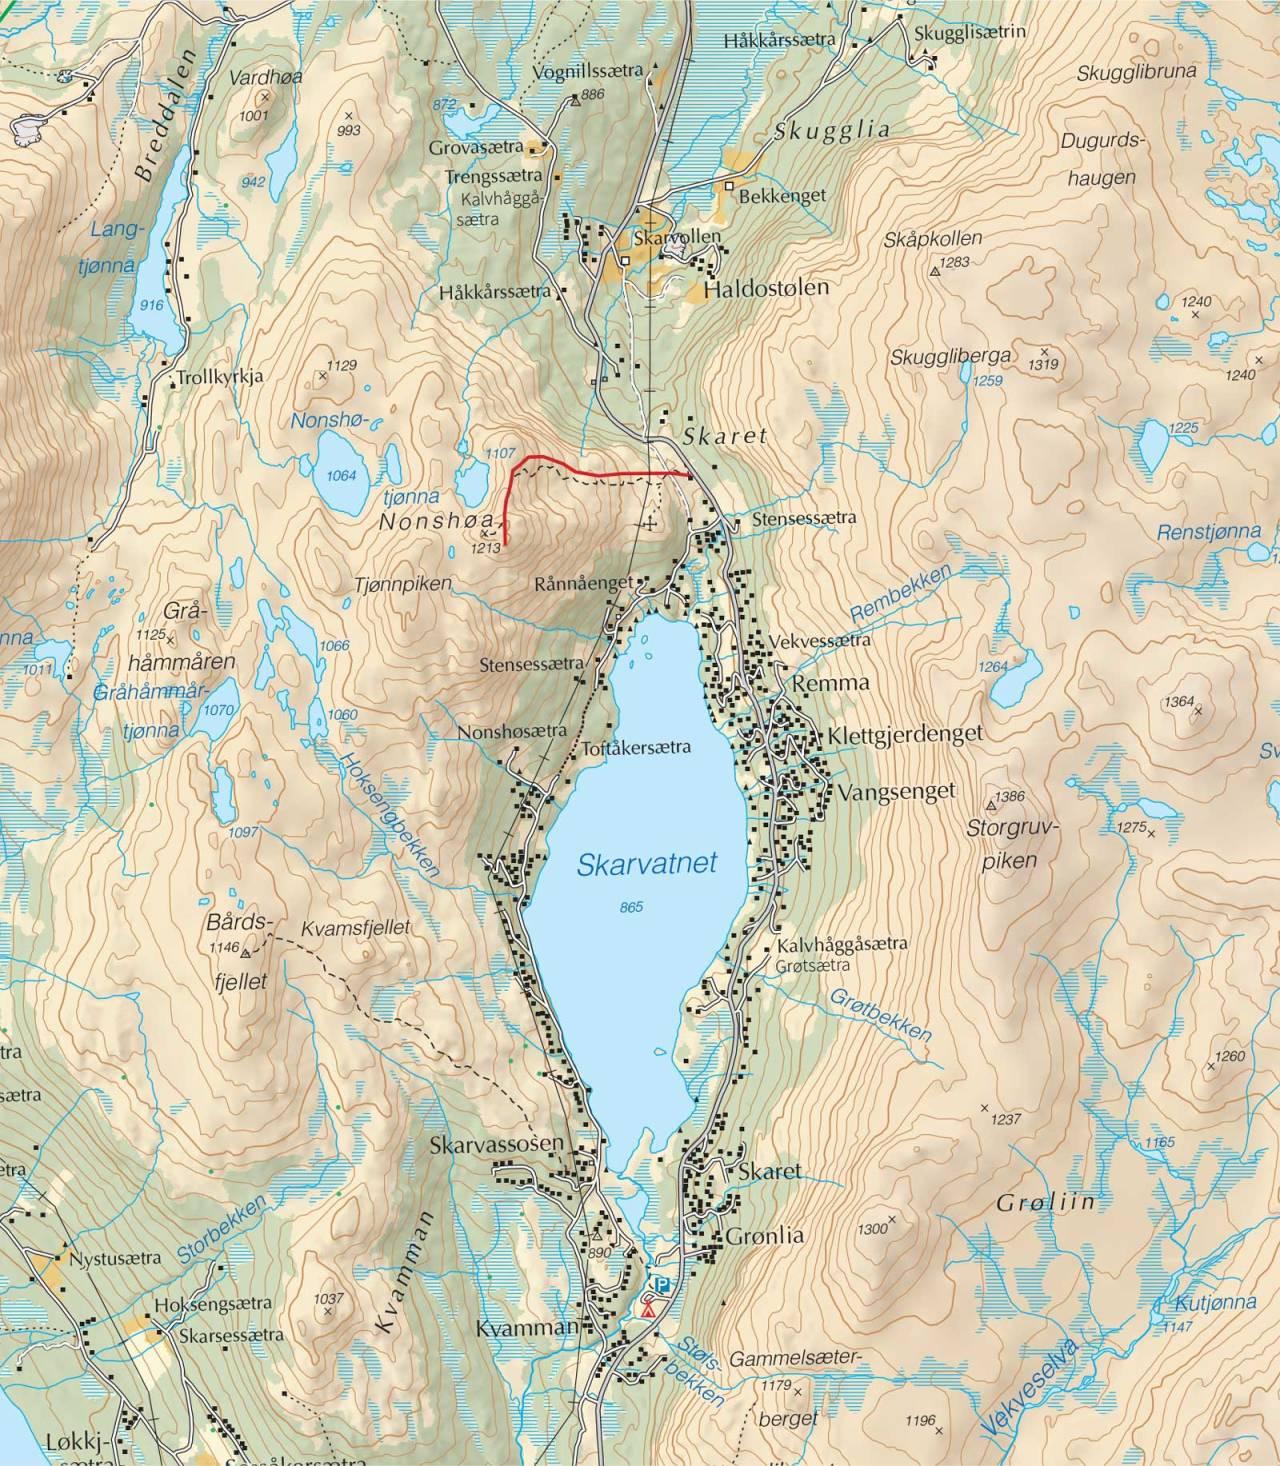 Kart over Nonshøa med inntegnet rute. Fra Trygge toppturer.